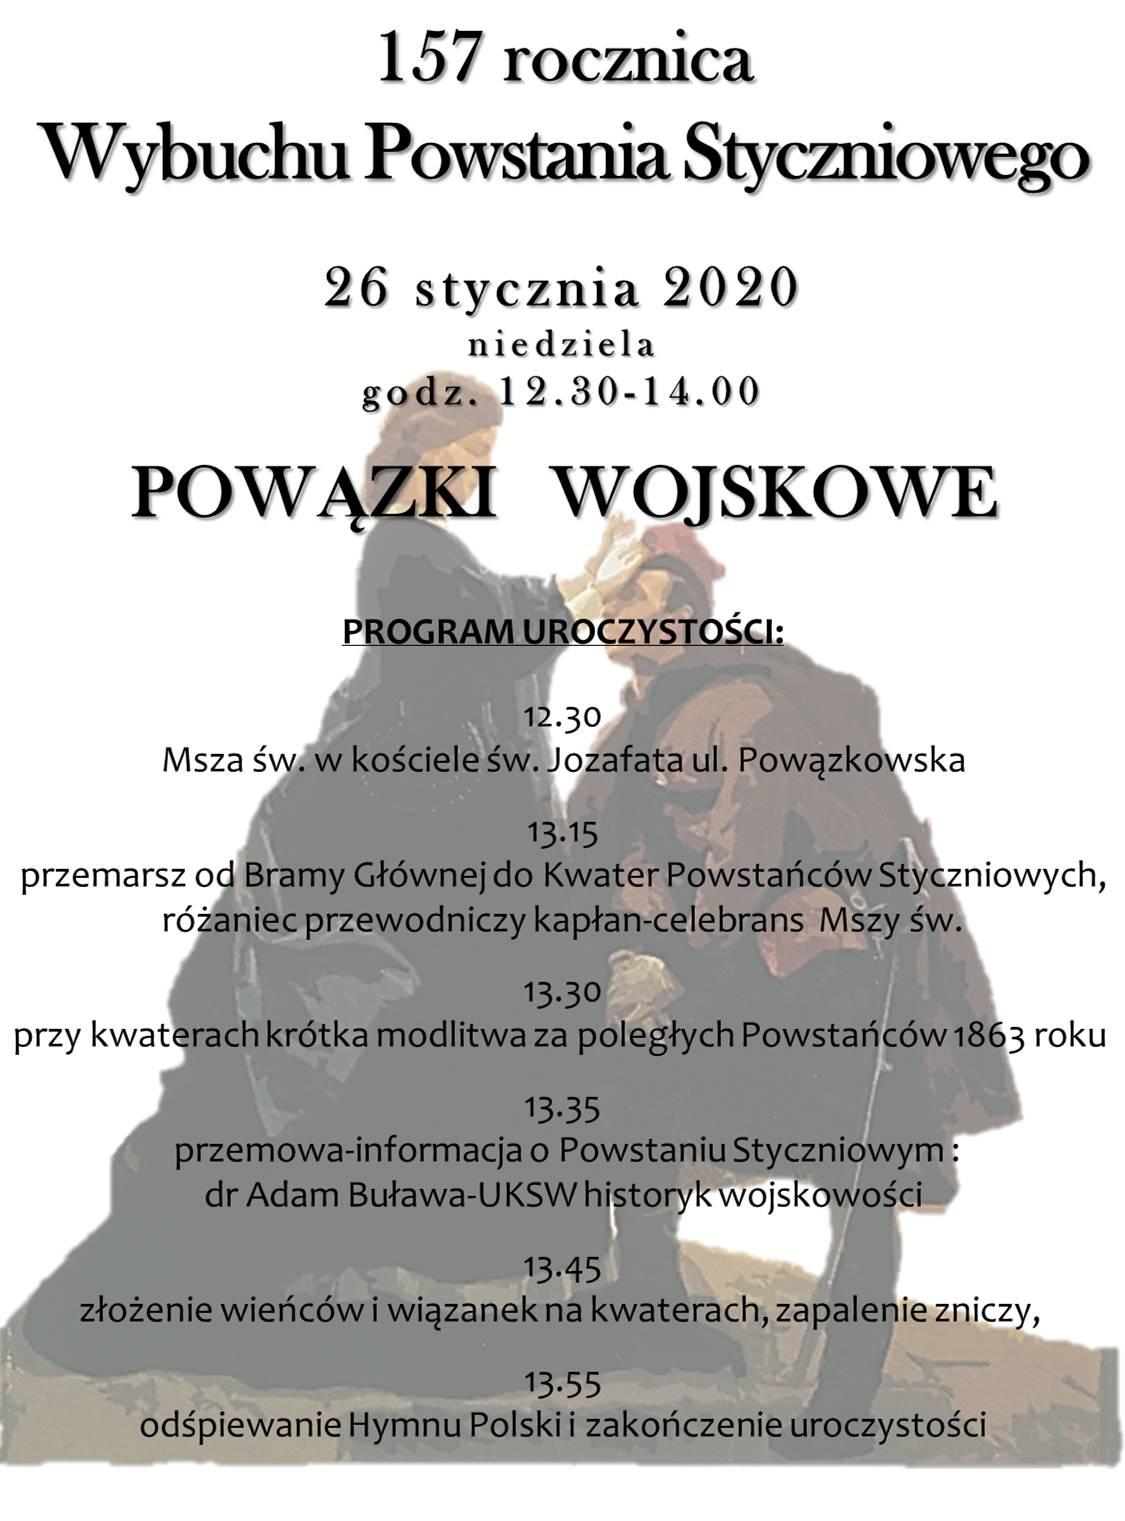 Warszawa Bielany Powstanie styczniowe2020